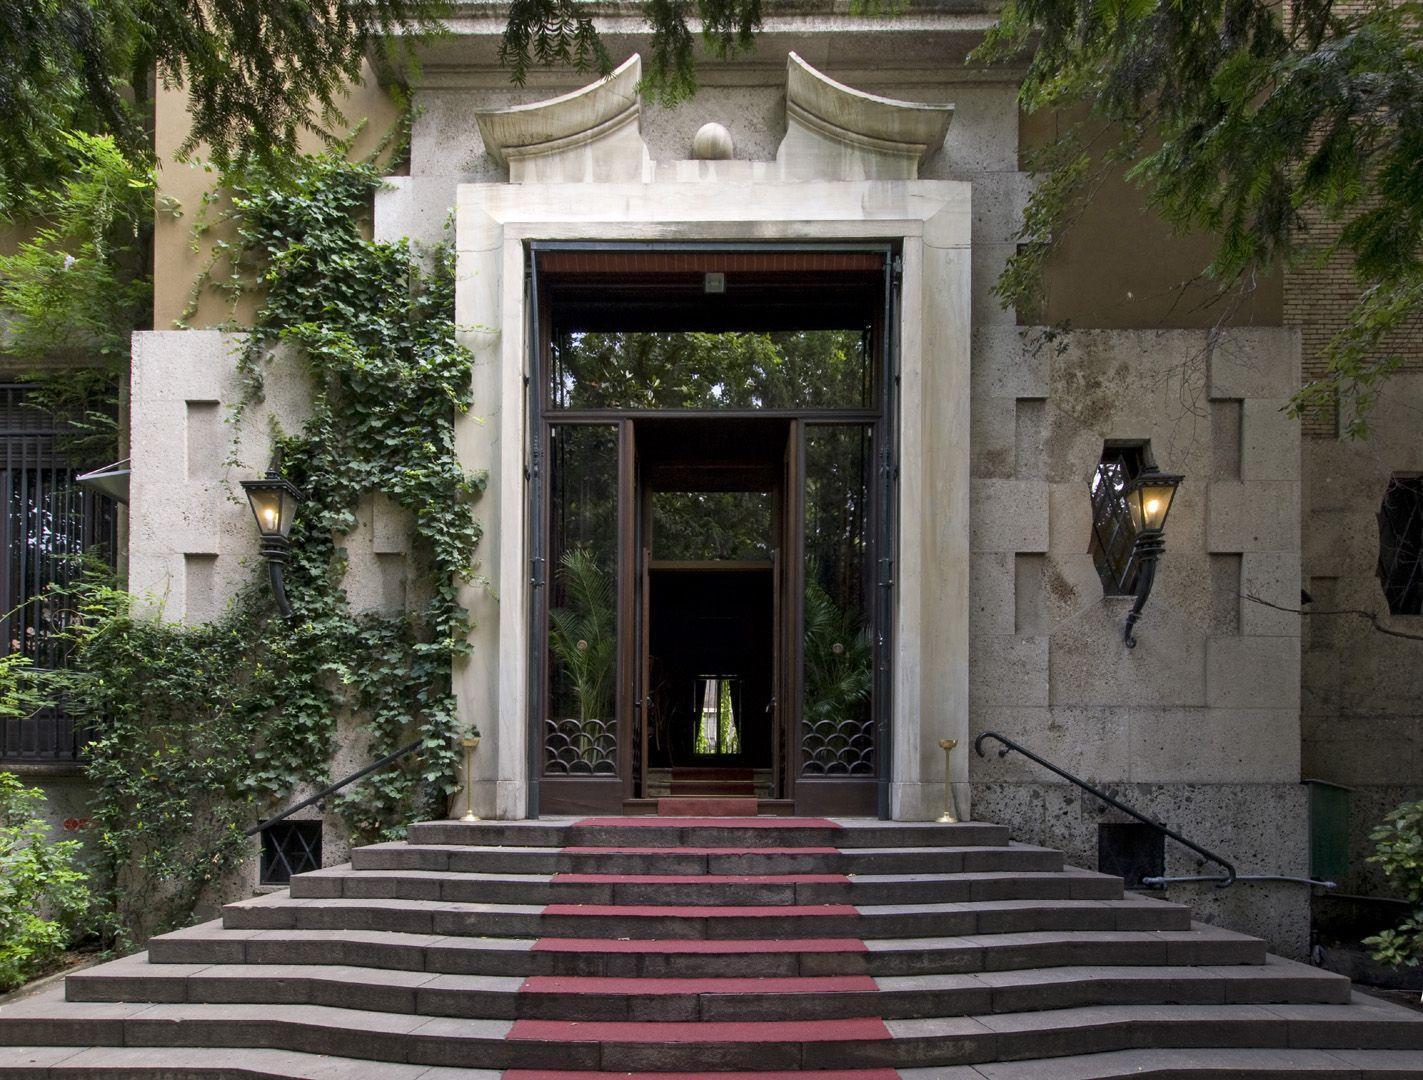 Villa mozart milano piero portaluppi piero portaluppi for Architettura moderna ville